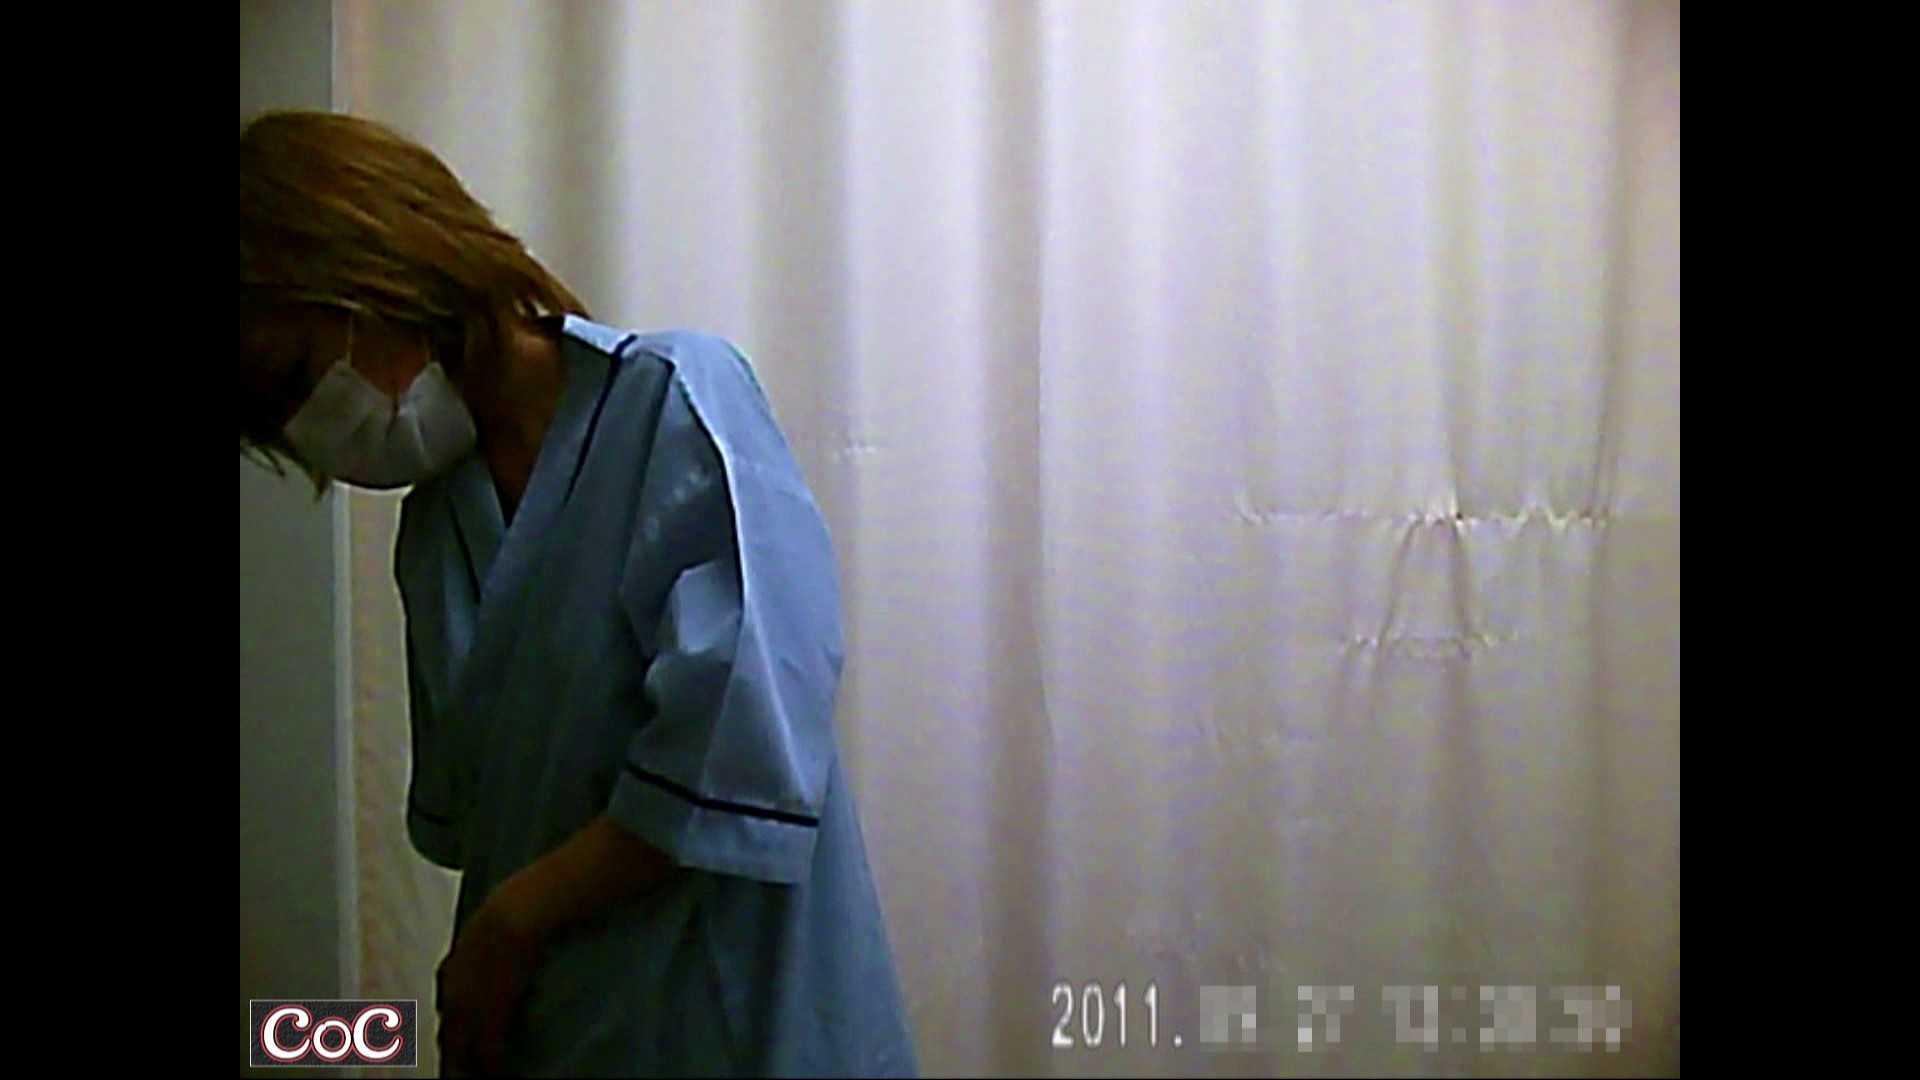 病院おもいっきり着替え! vol.36 乳首 SEX無修正画像 69PIX 68